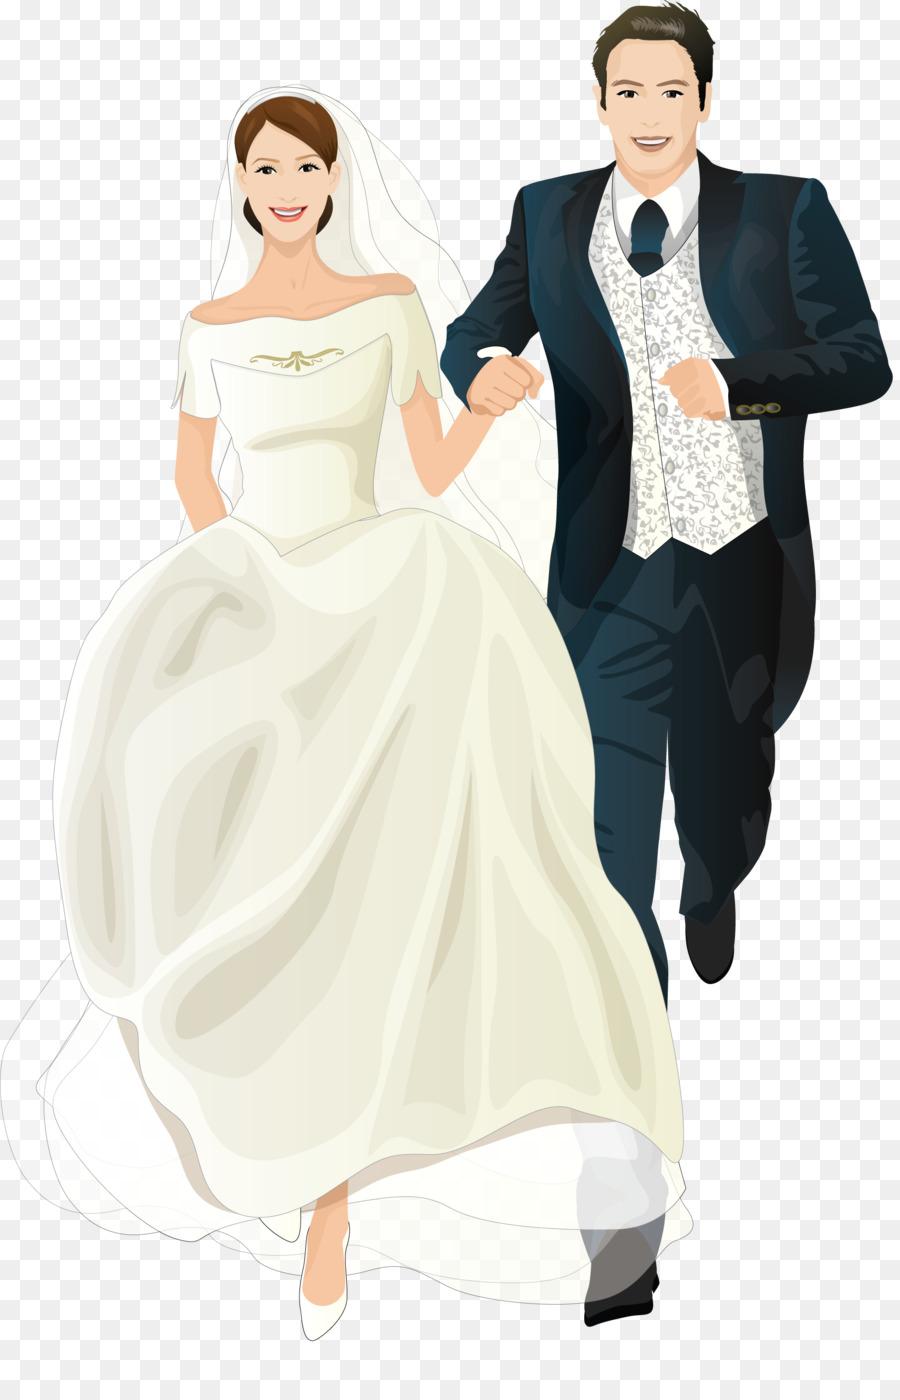 Свадьба картинки без фона